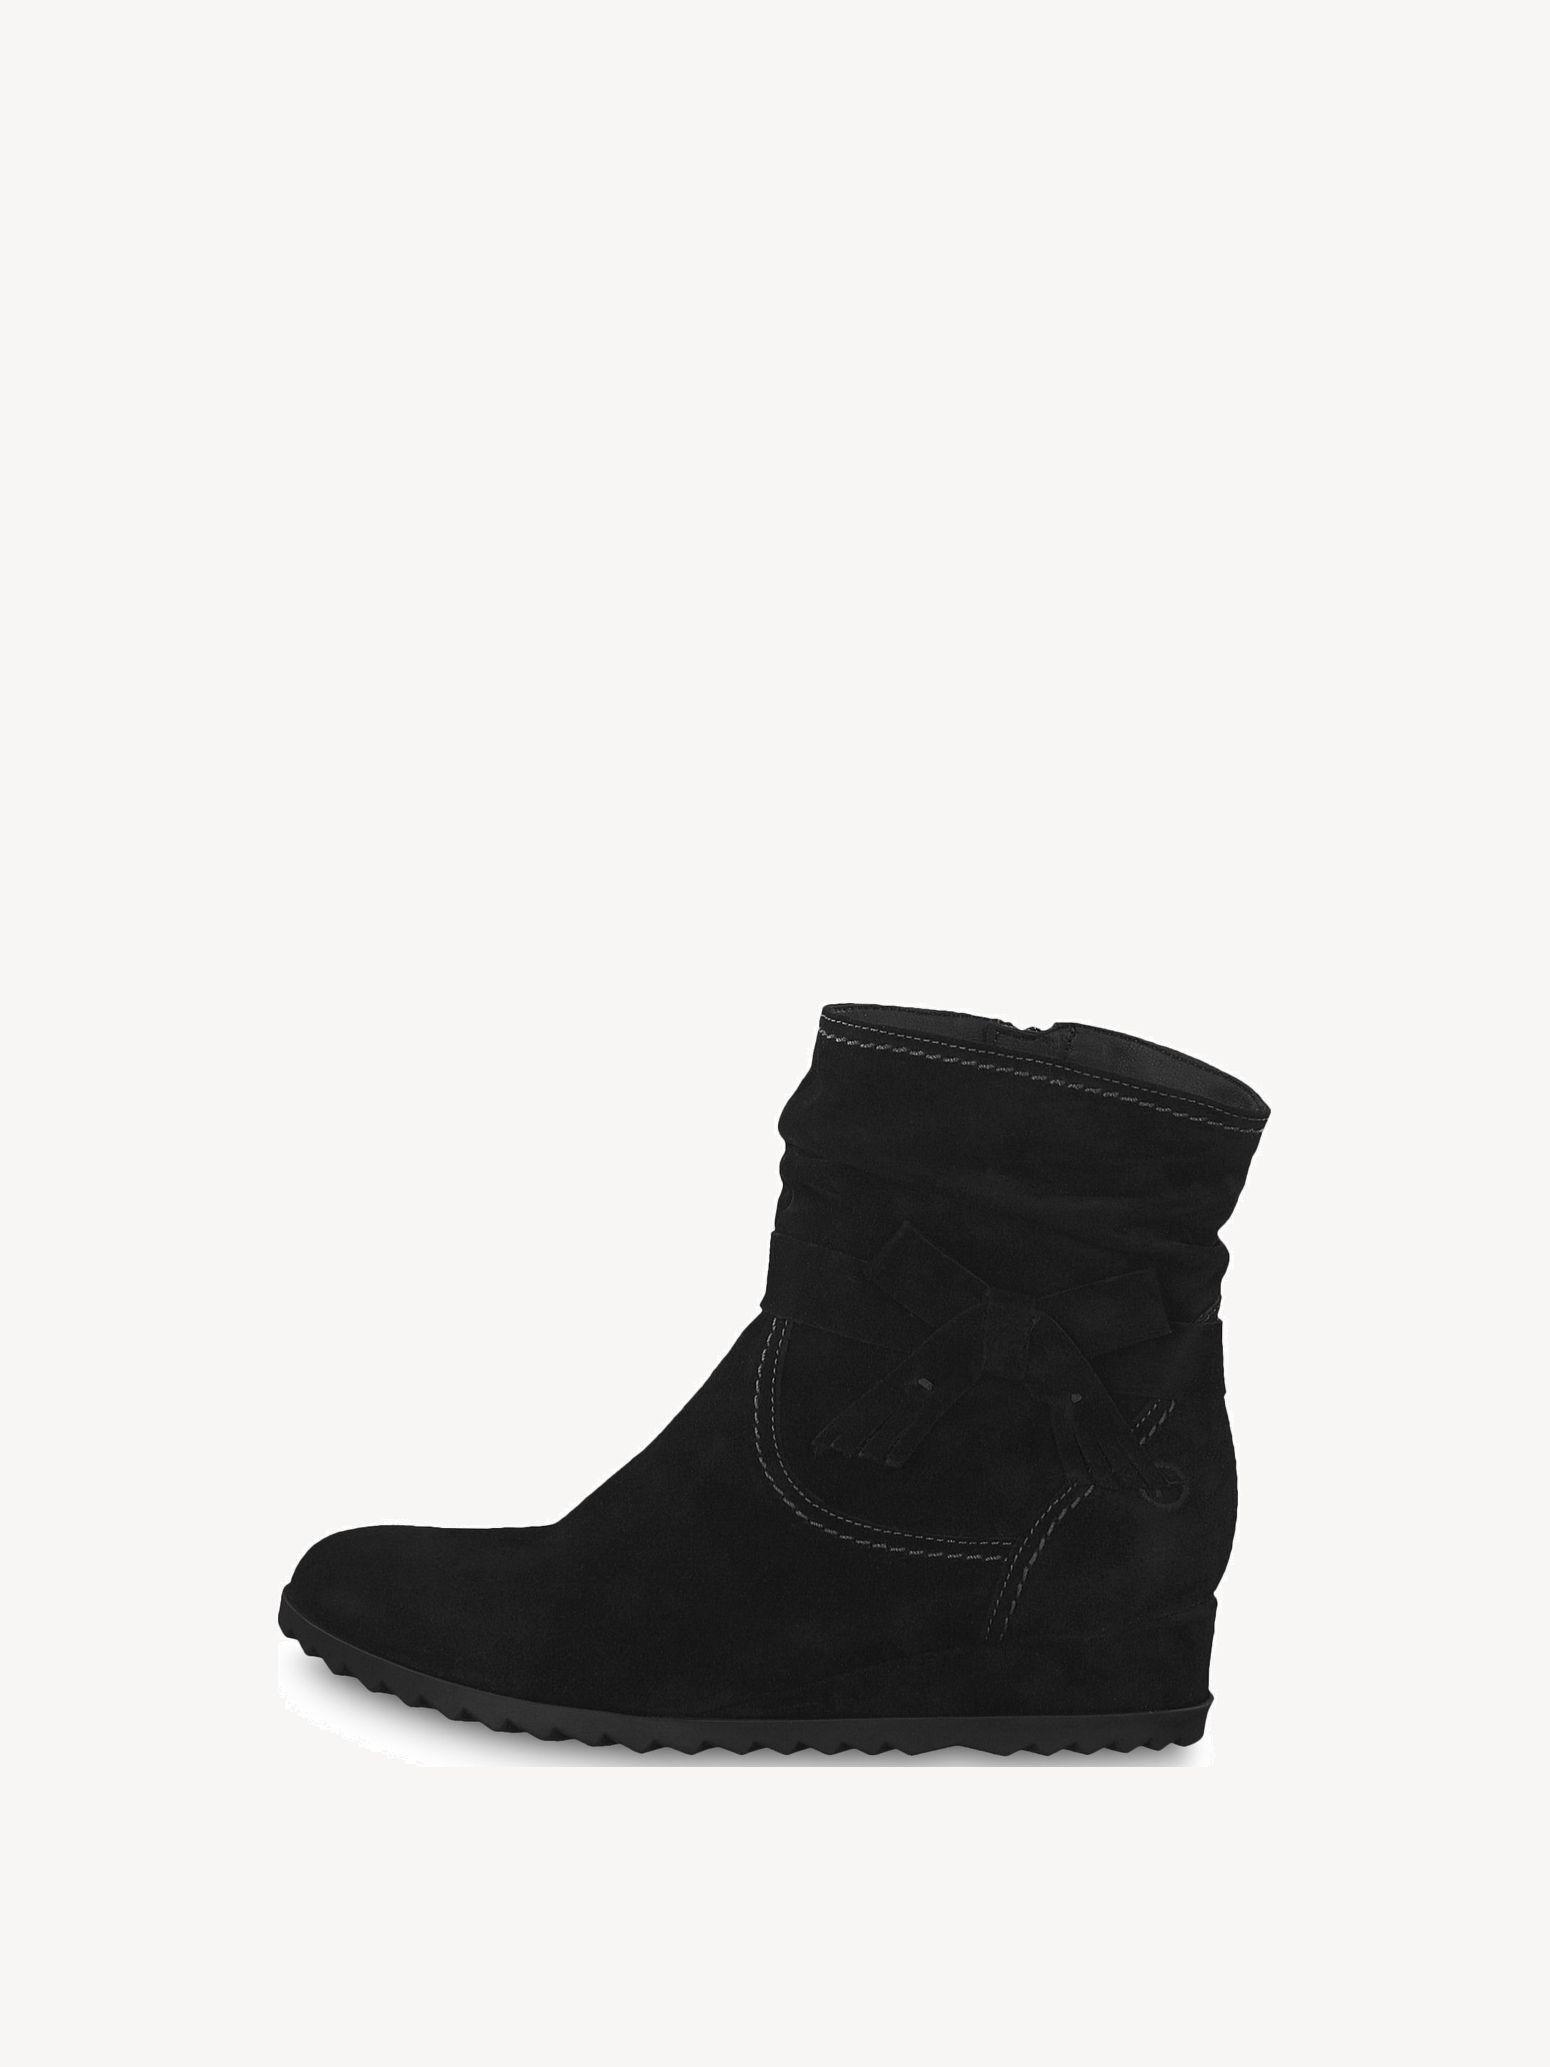 618d4c14f1321 Tamaris la sur pour Chaussures femmes en ligne boutique tqzt0W1n